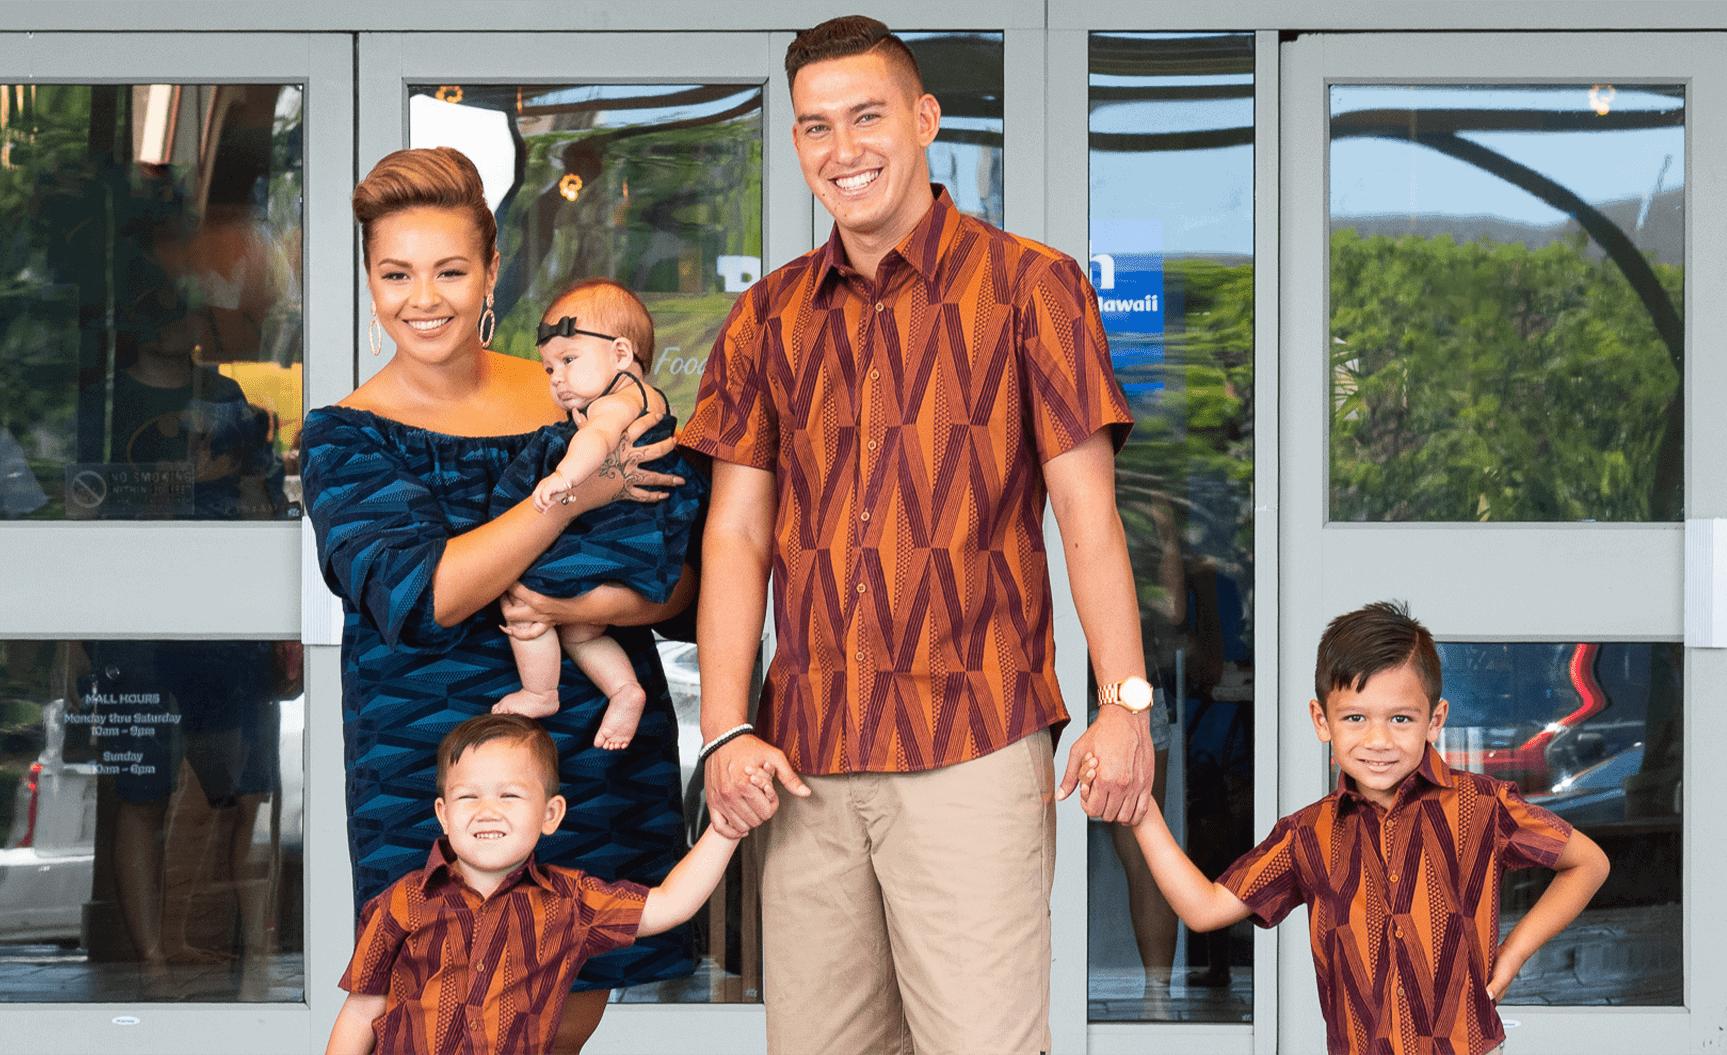 Family wearing Manaola Clothing